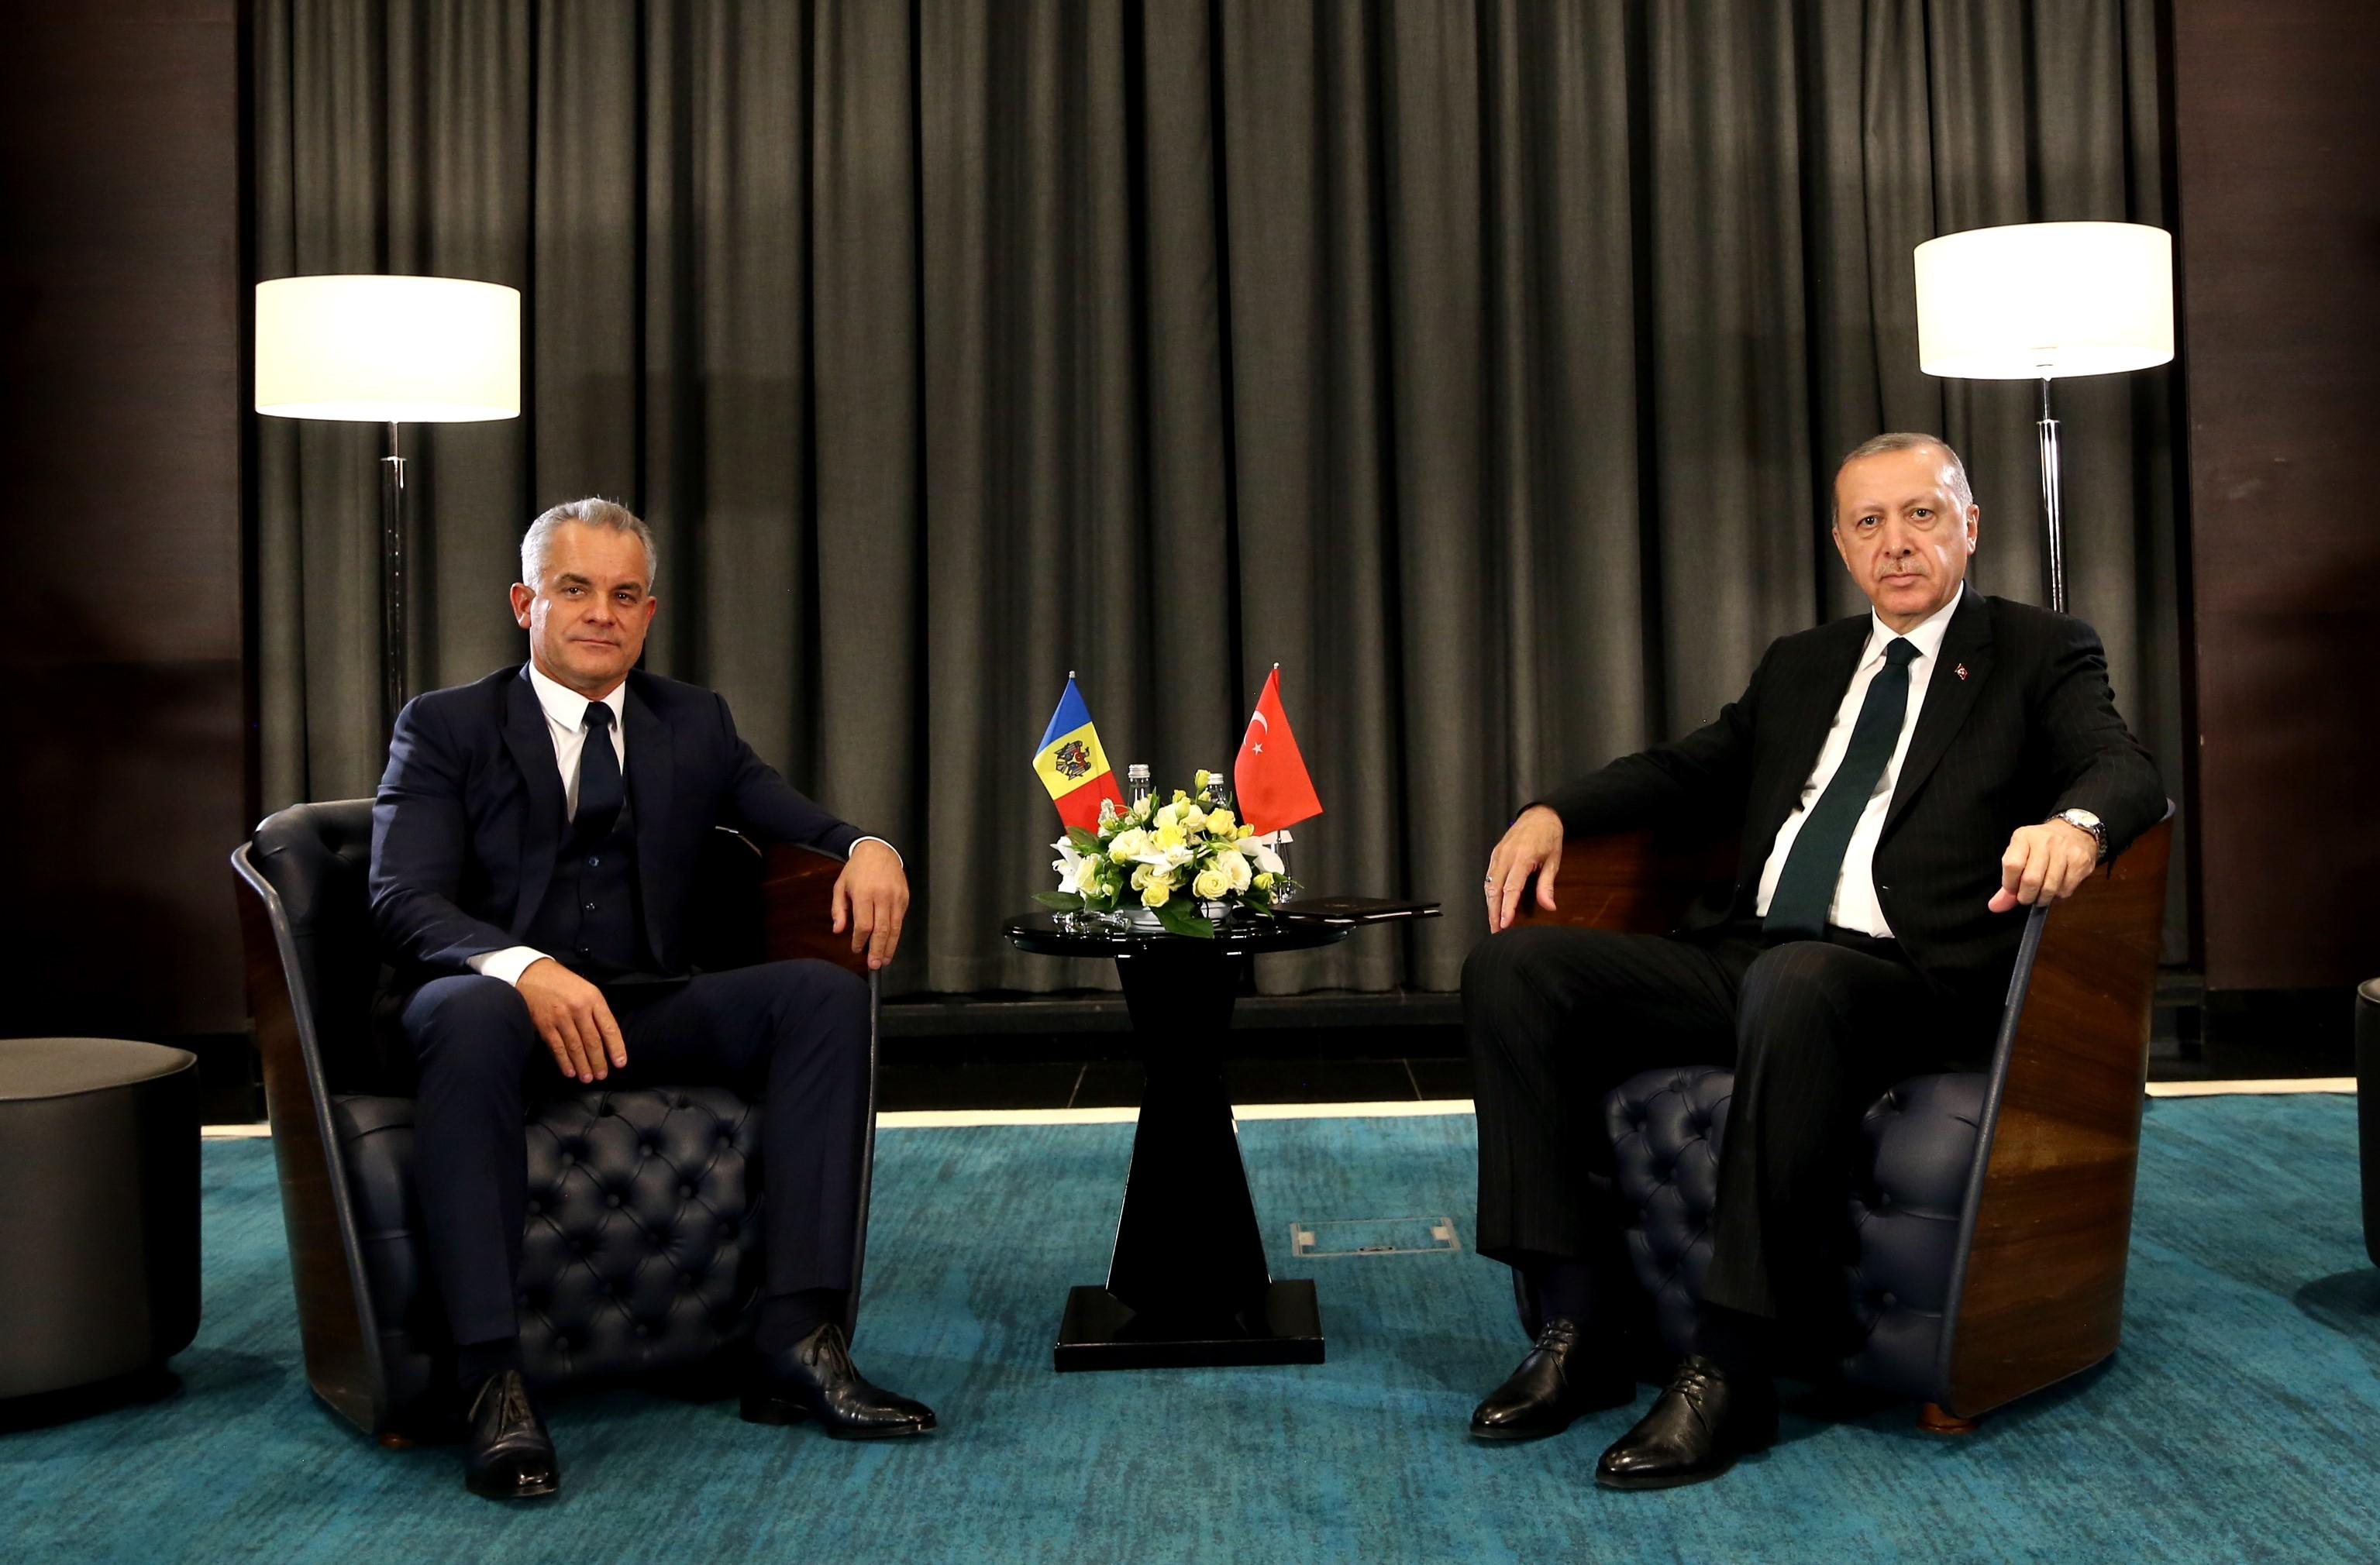 Külföldre ment Vladimir Plahotniuc, a korábbi moldovai kormánypárt elnöke